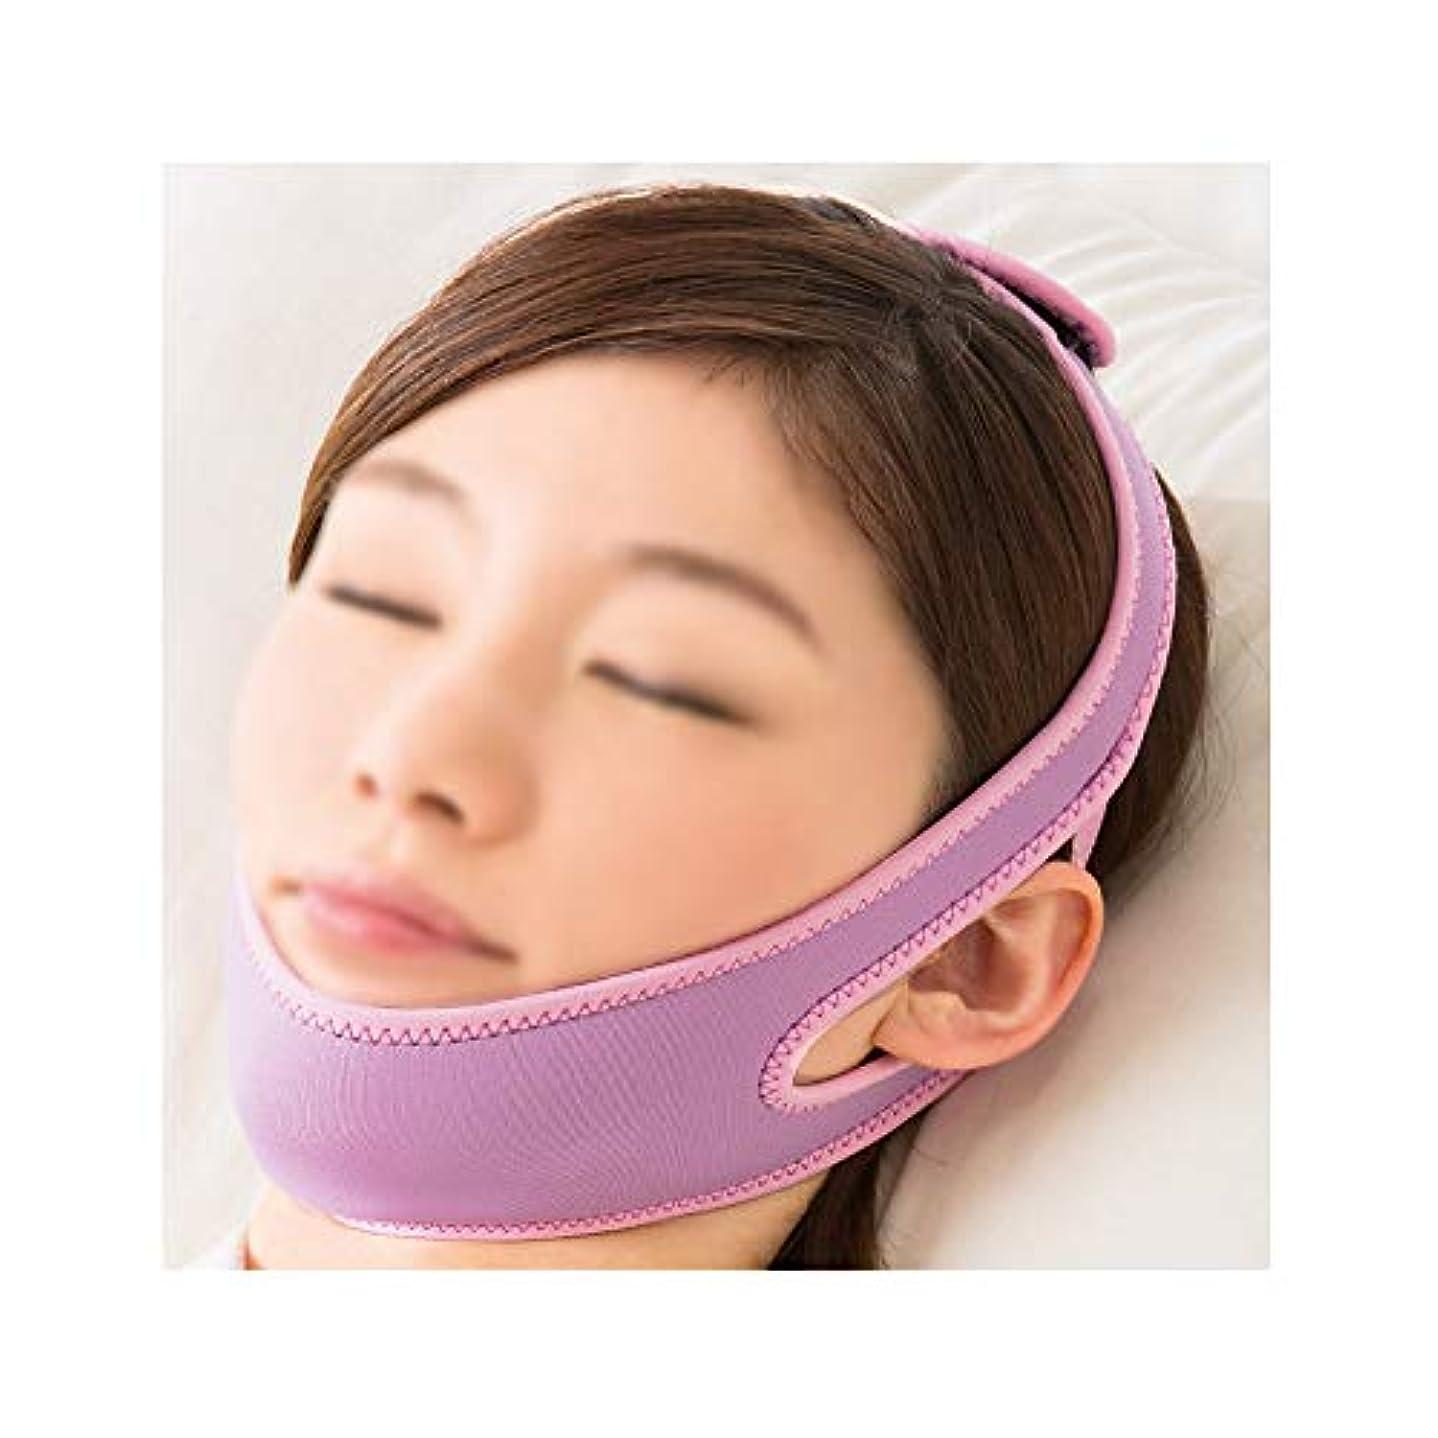 矢習熟度分離するフェイシャルマスク、フェイスリフティングアーティファクトフェイスマスク垂れ下がり面付きVフェイス包帯通気性スリーピングフェイスダブルチンチンセット睡眠弾性スリミングベルト